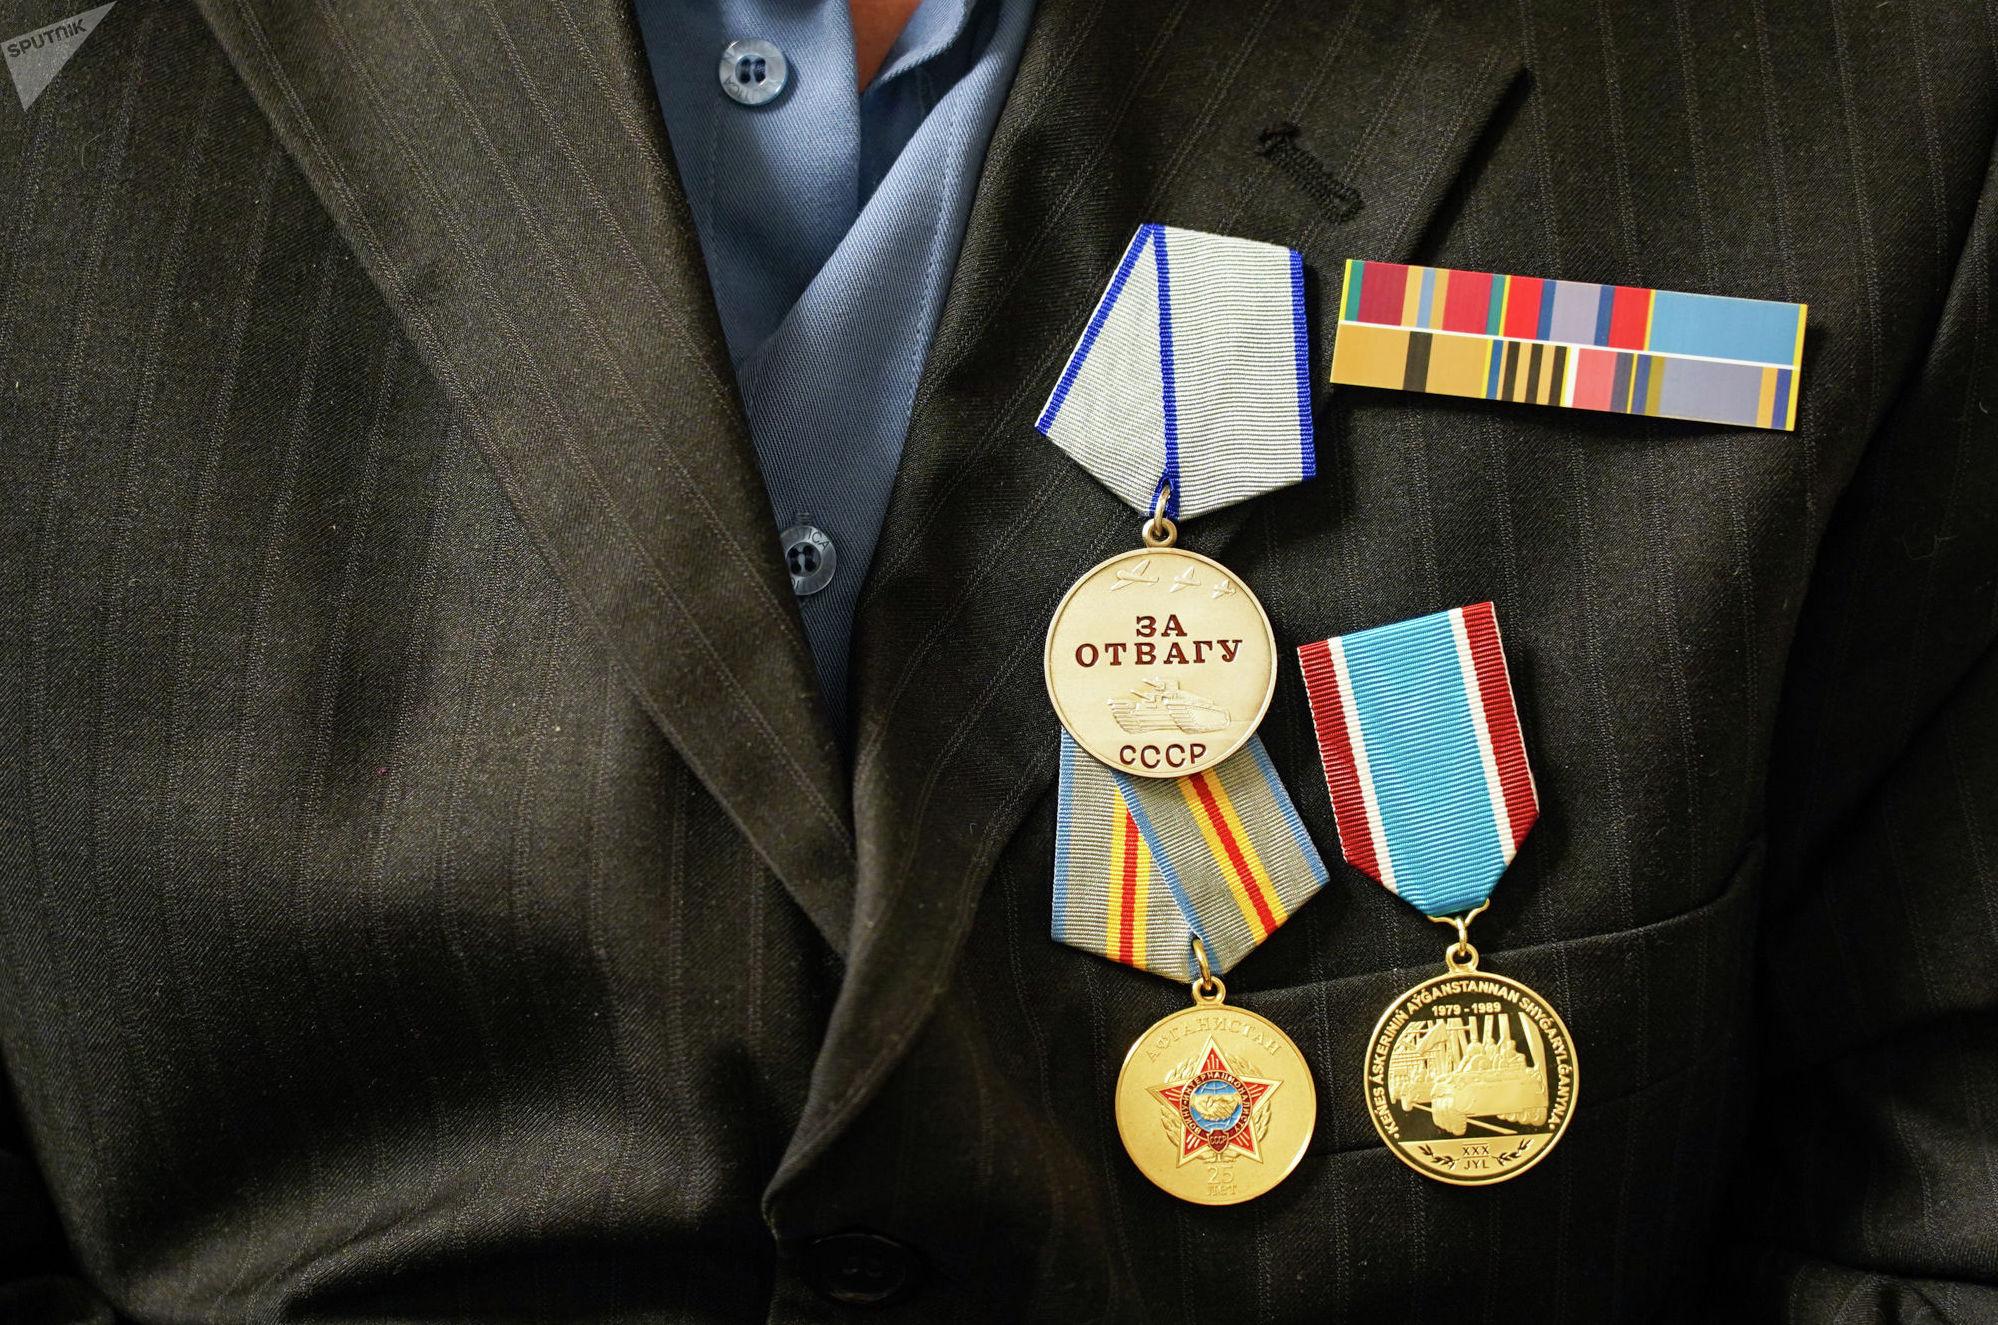 Ветеран войны в Афганистане Александр Яшин награжден медалью За отвагу